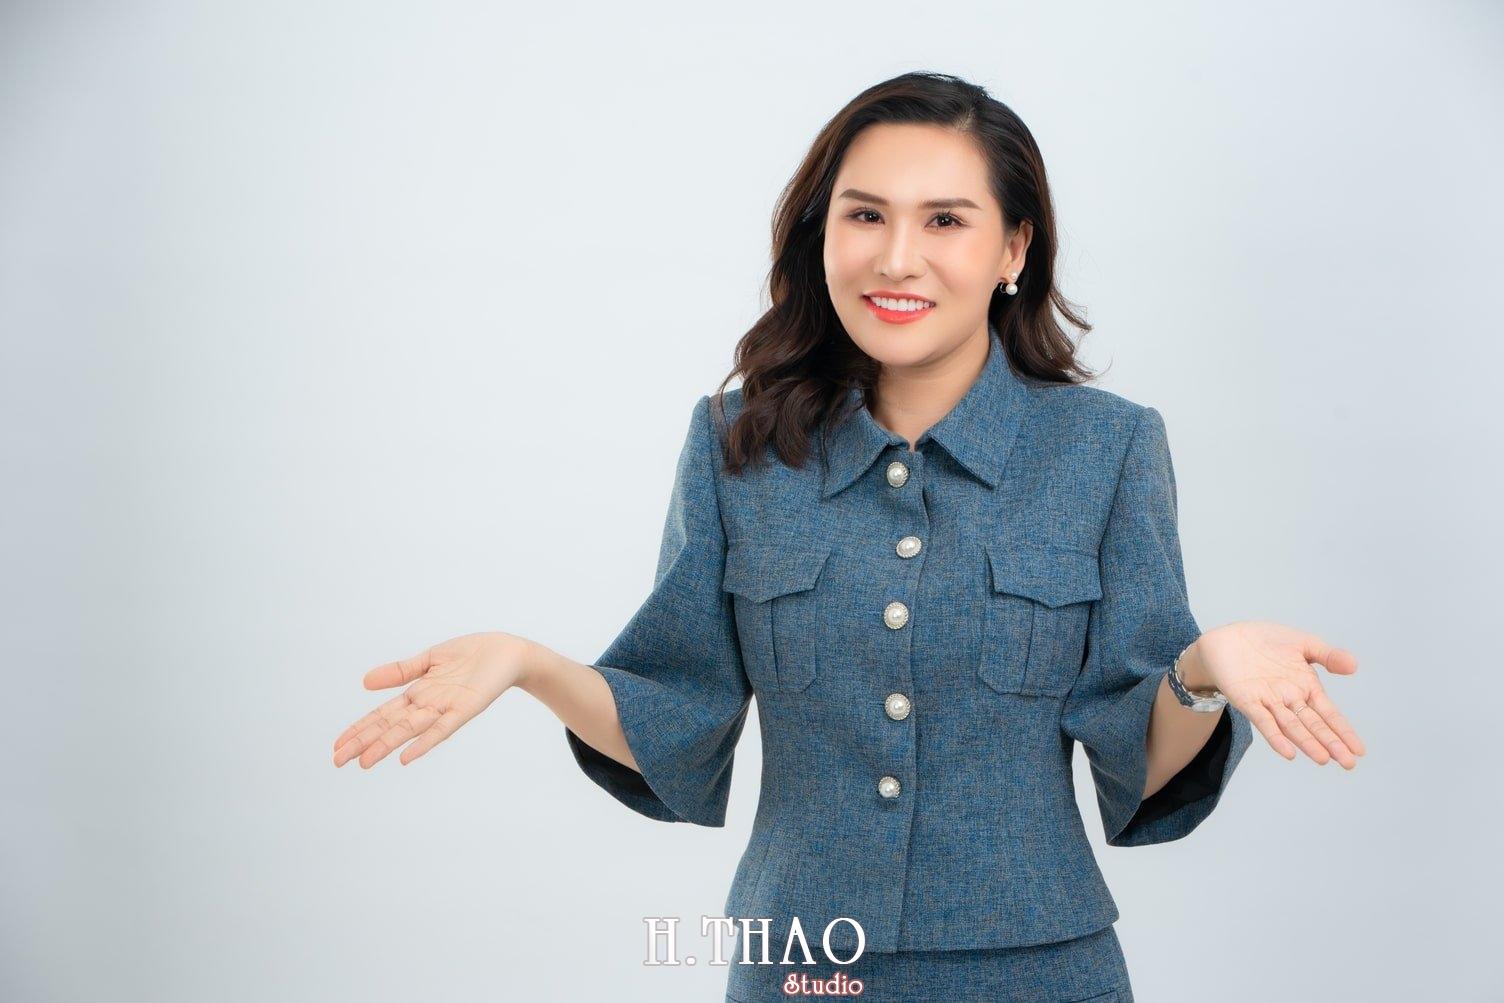 Doanh nhan nu 3 - Ảnh nữ doanh nhân bất động sản, phó TGĐ Express Ms.Nho – HThao Studio